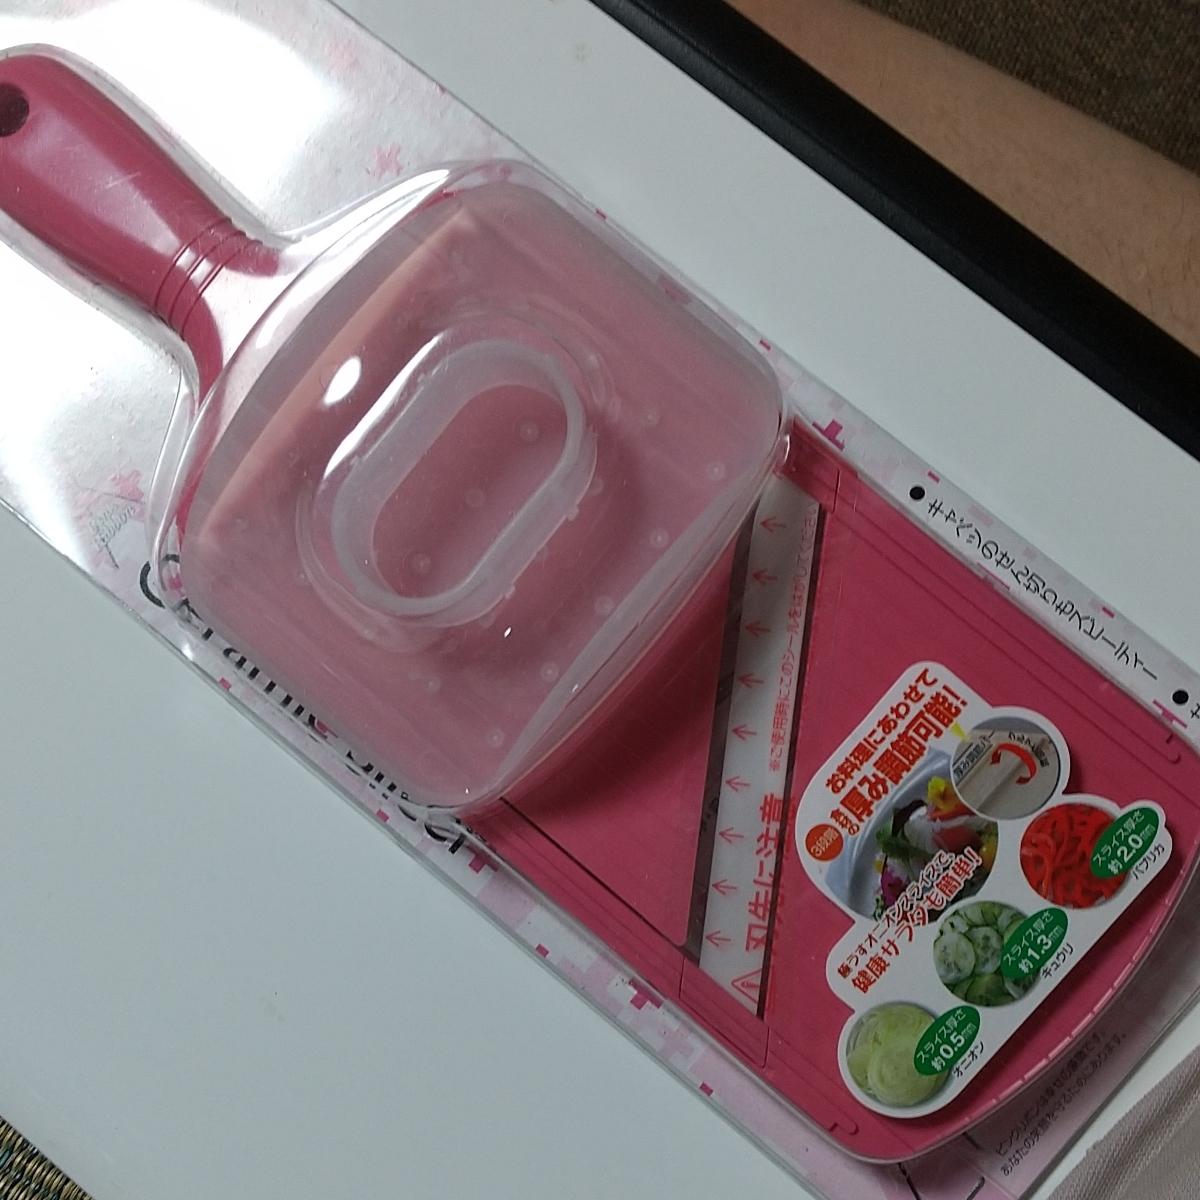 京セラ [4960664716548] セラミックスライサー 可変 【ピンク 】